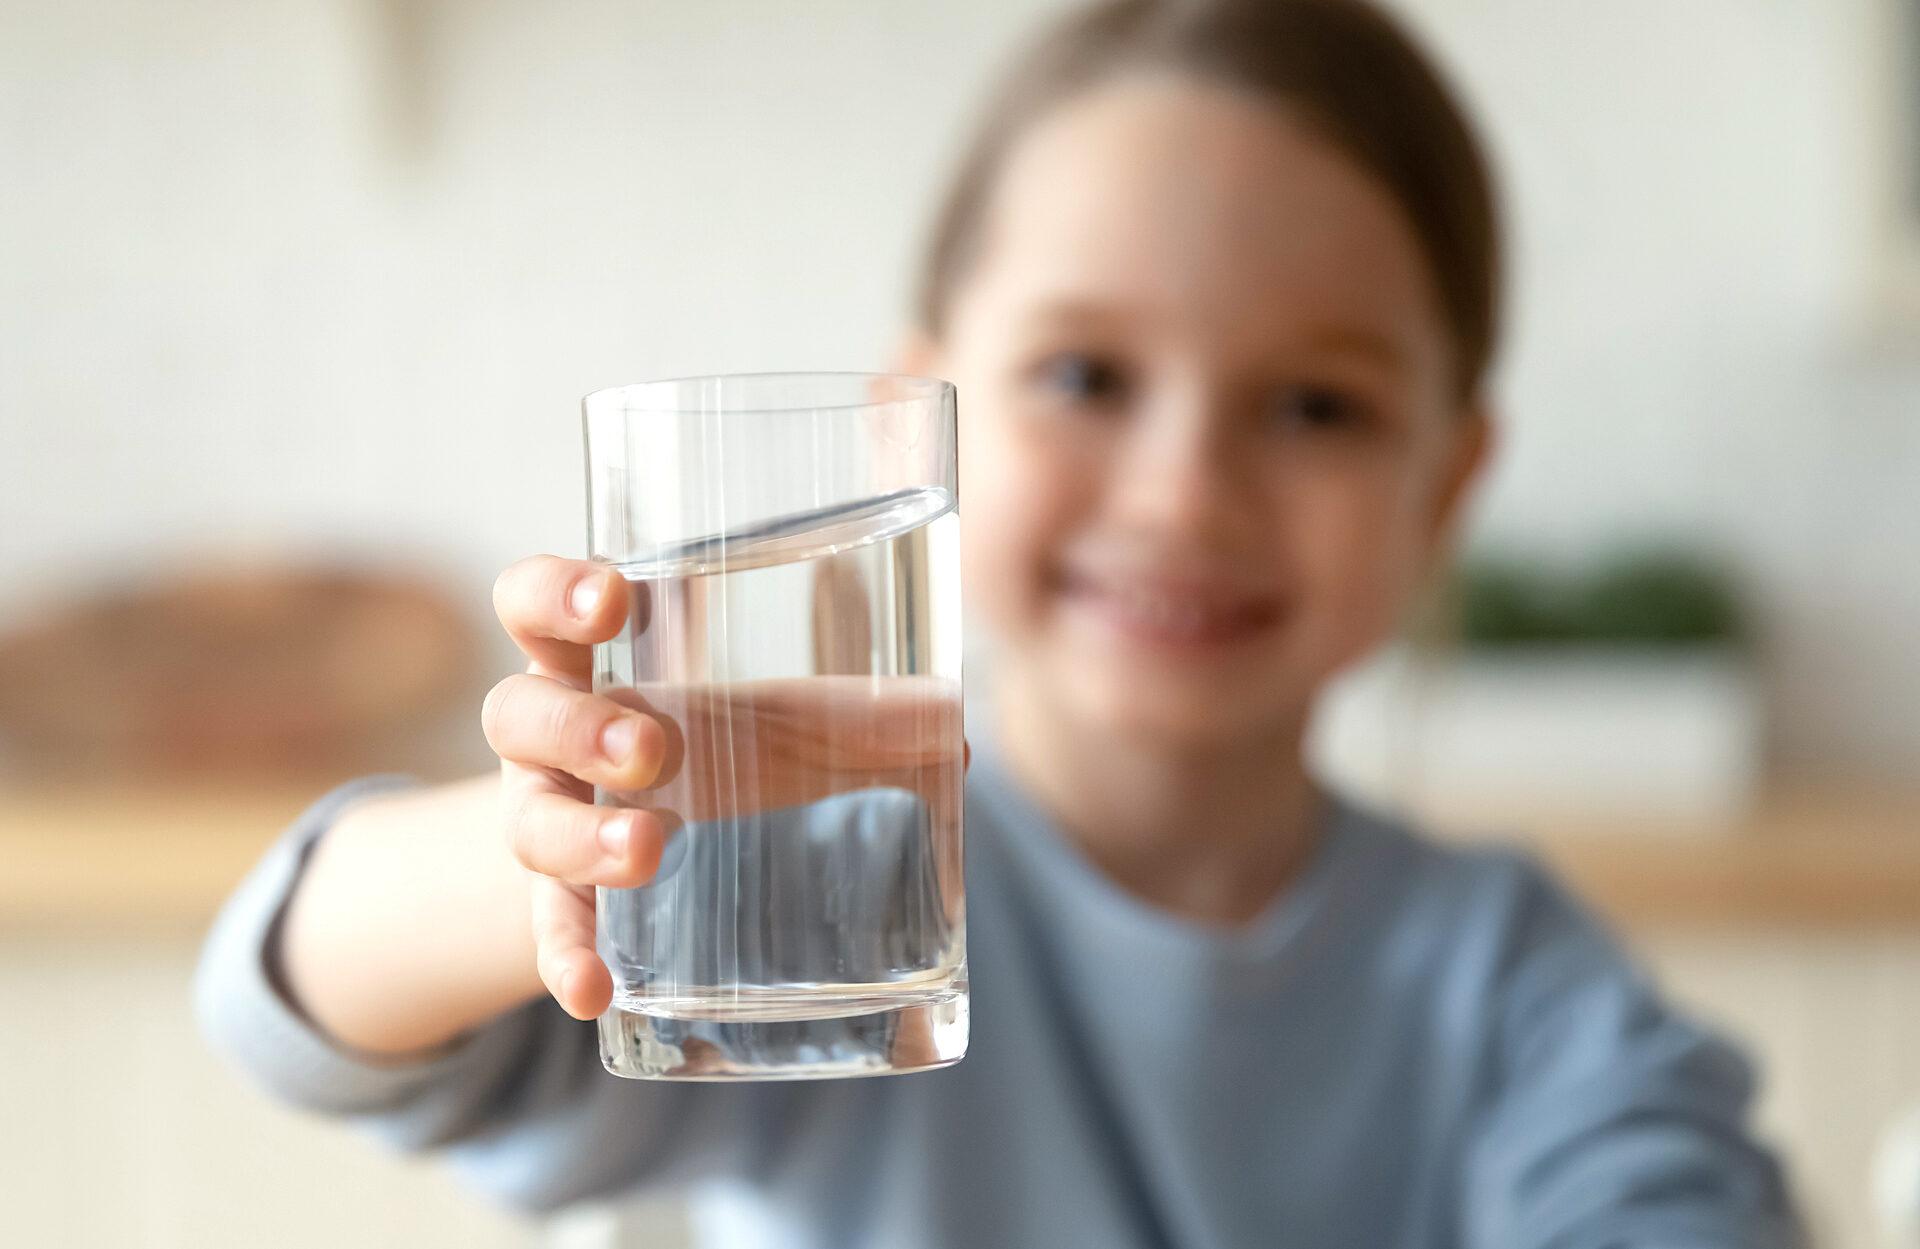 https://www.vdskc.de/wp-content/uploads/2021/08/Wasser-trinken-1920x1249.jpg